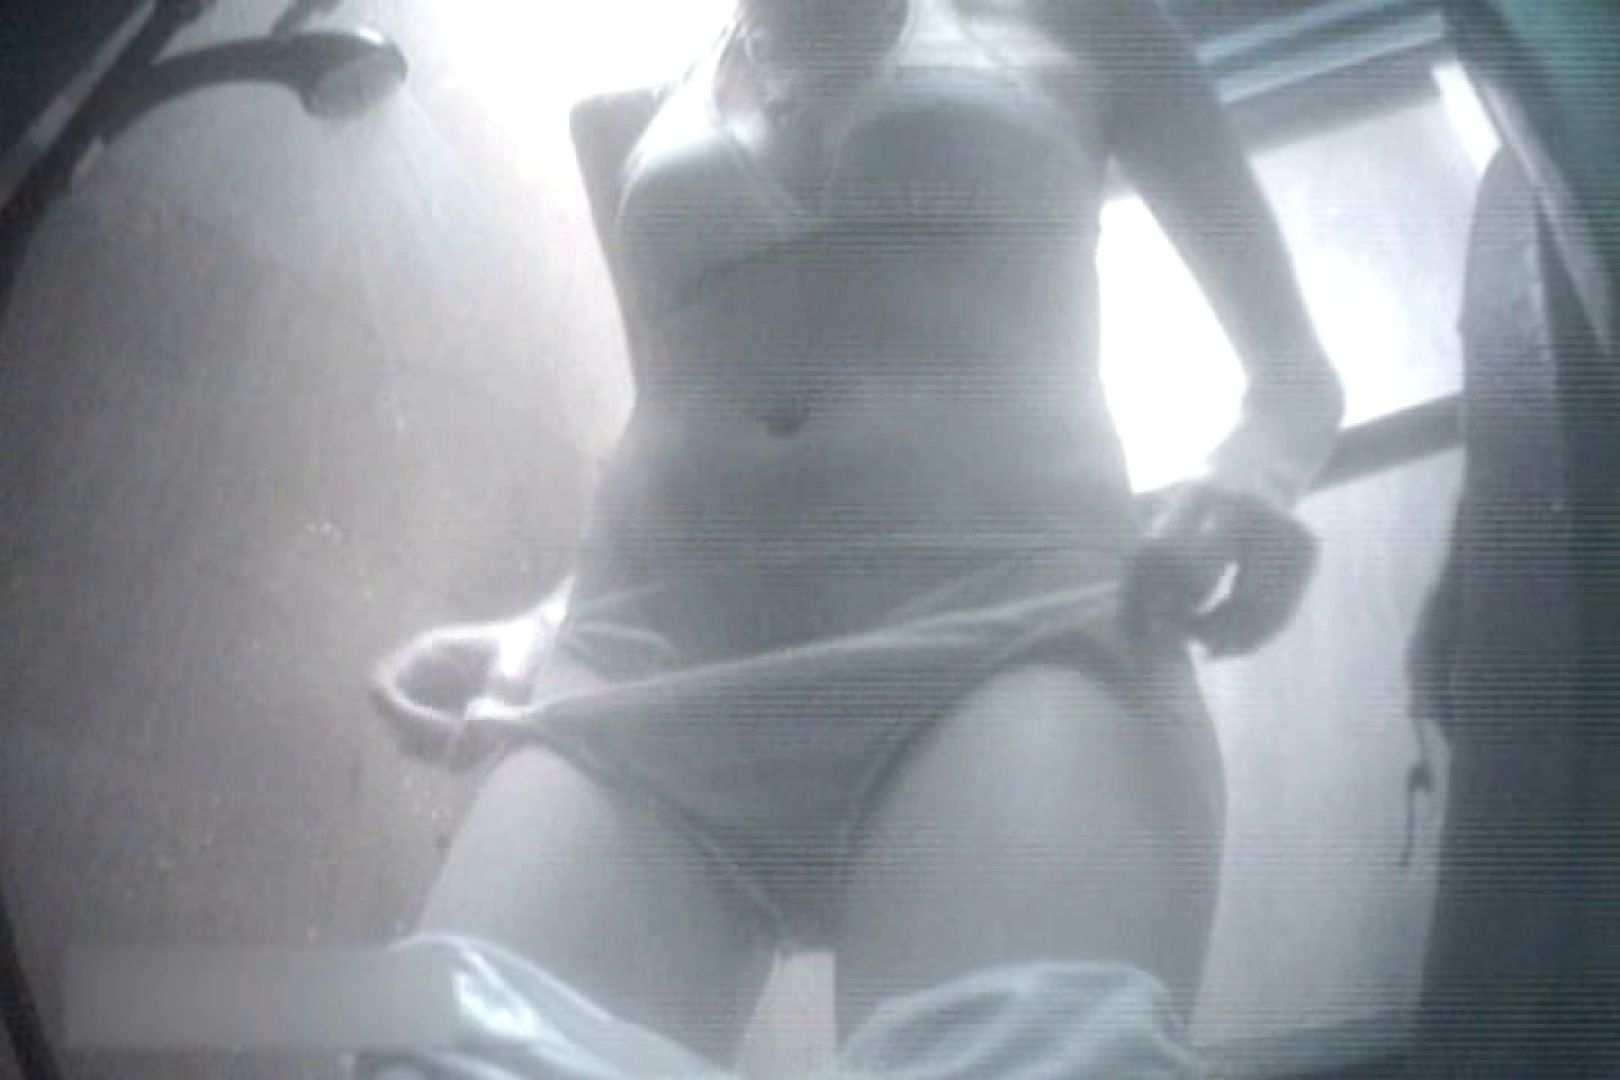 夏海シャワー室!ベトベトお肌をサラサラに!VOL.06 おまんこ無修正 隠し撮りオマンコ動画紹介 75pic 35